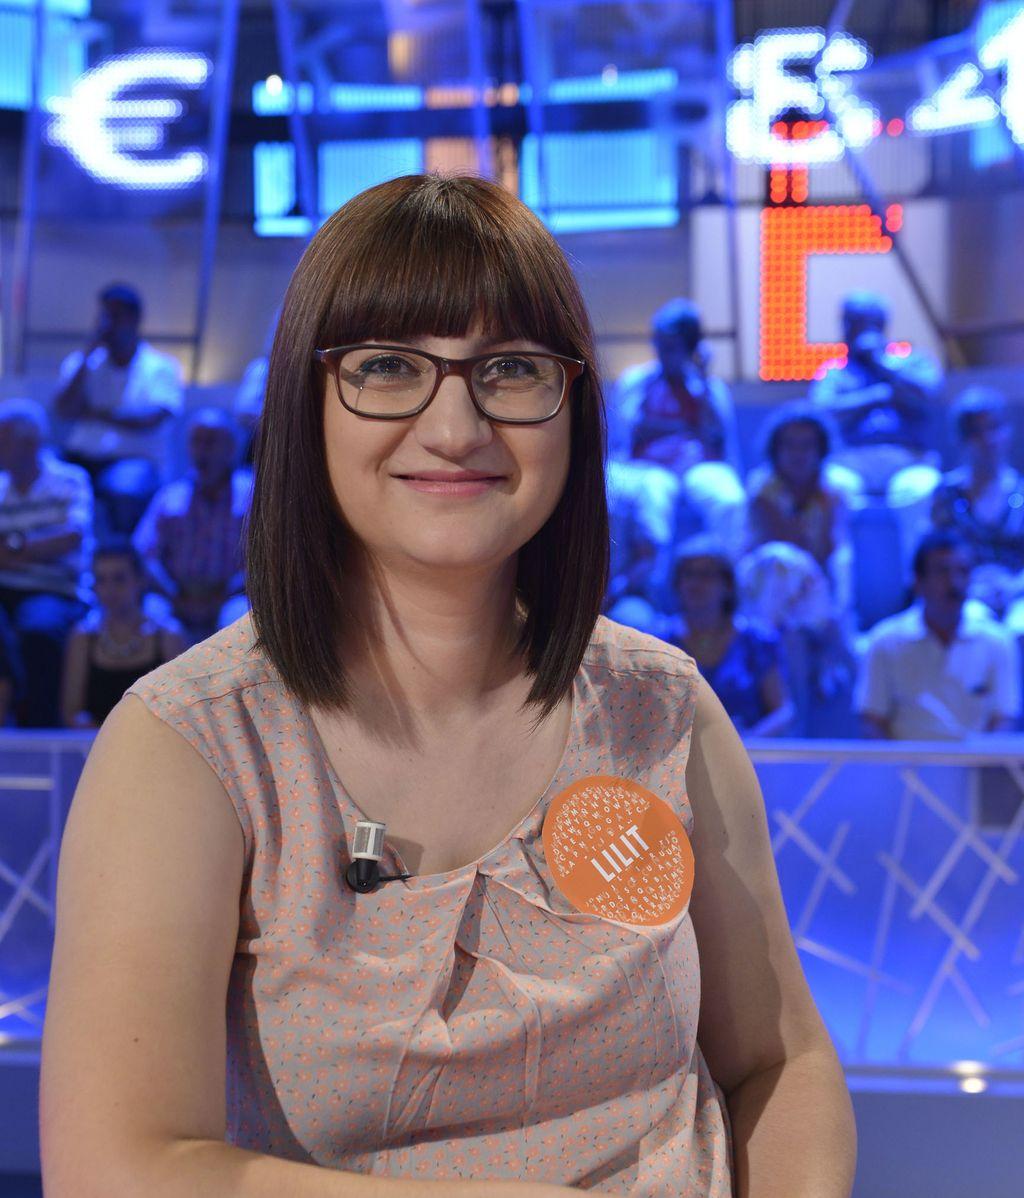 Lilit Manukian